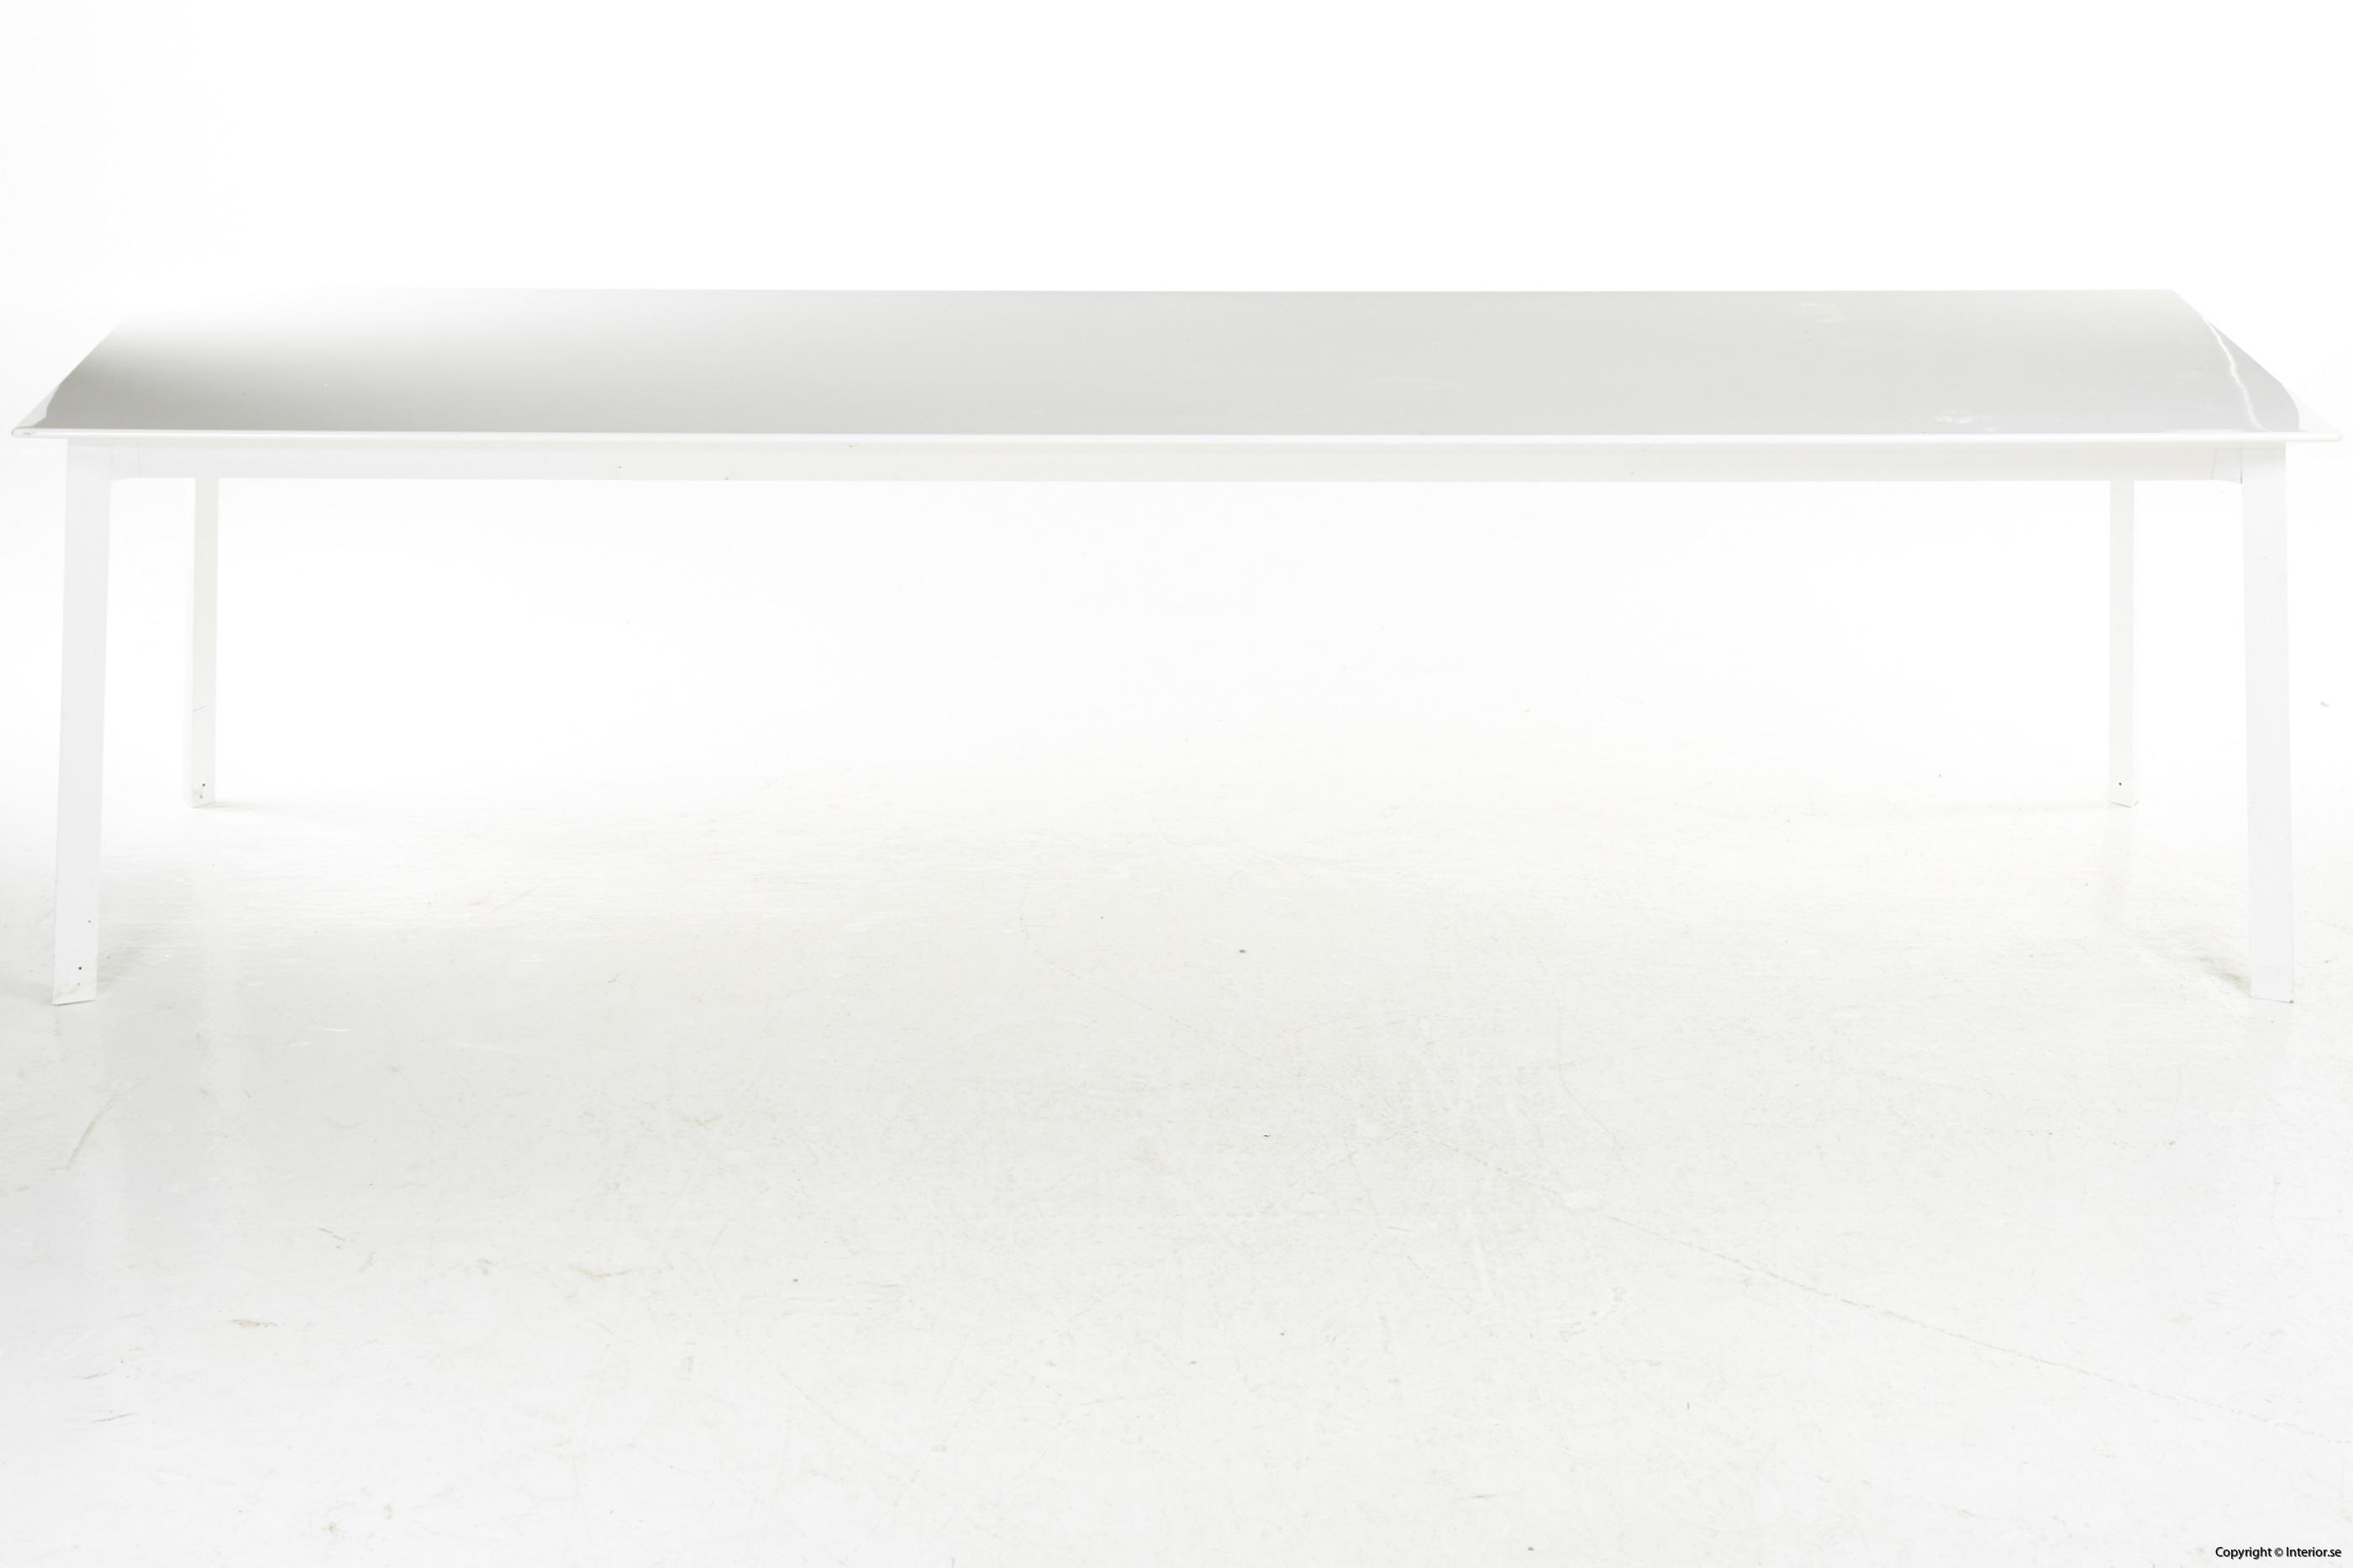 Konferensbord, vit laminat & stål - 280 x 90 cm conference table 5